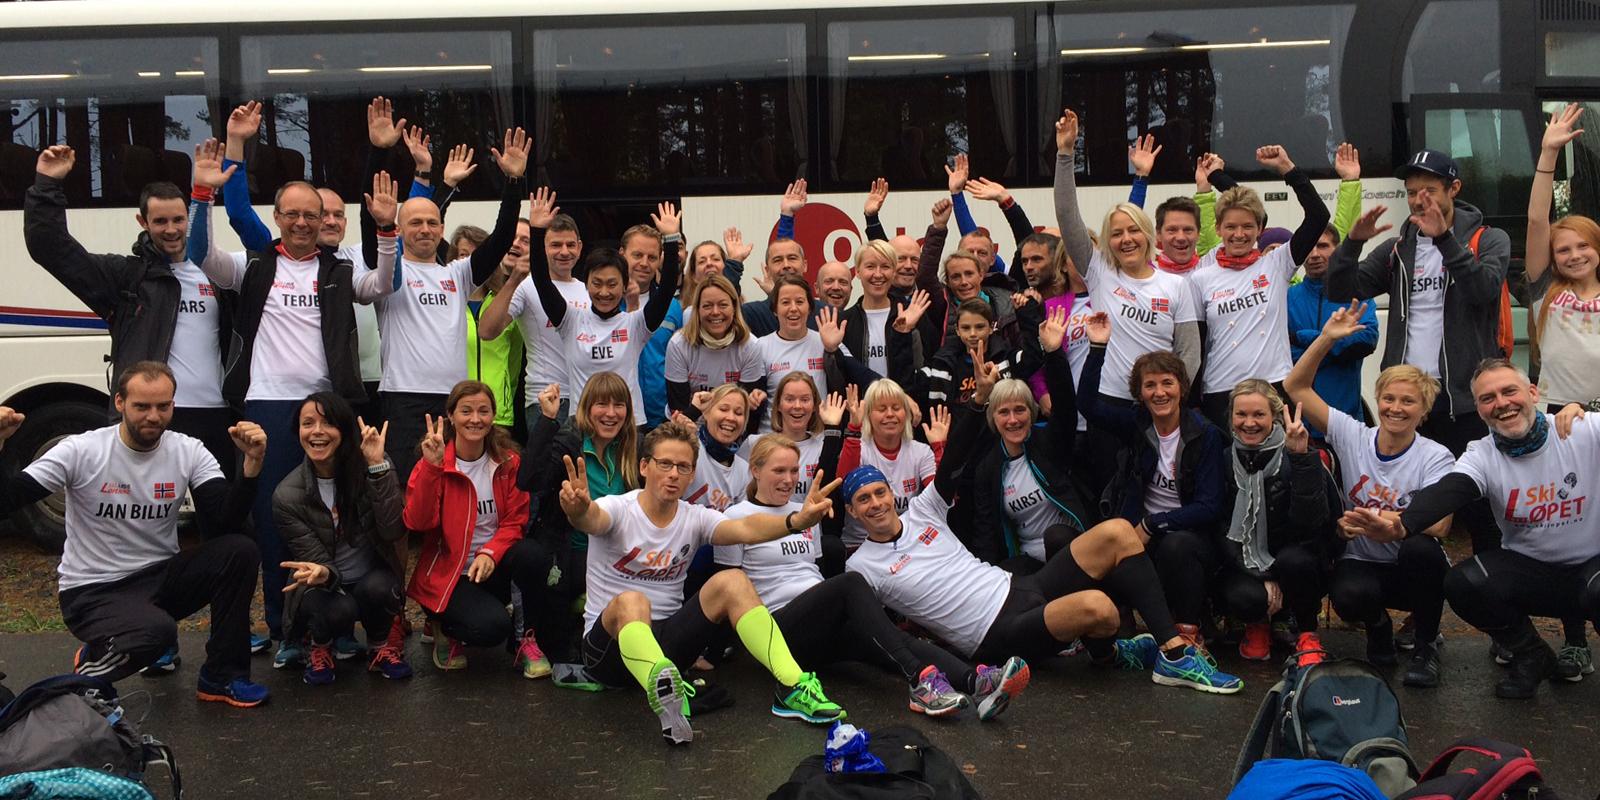 Løpegruppen SkiLøperne er organisert som en frivillig gruppe og er non-profit.